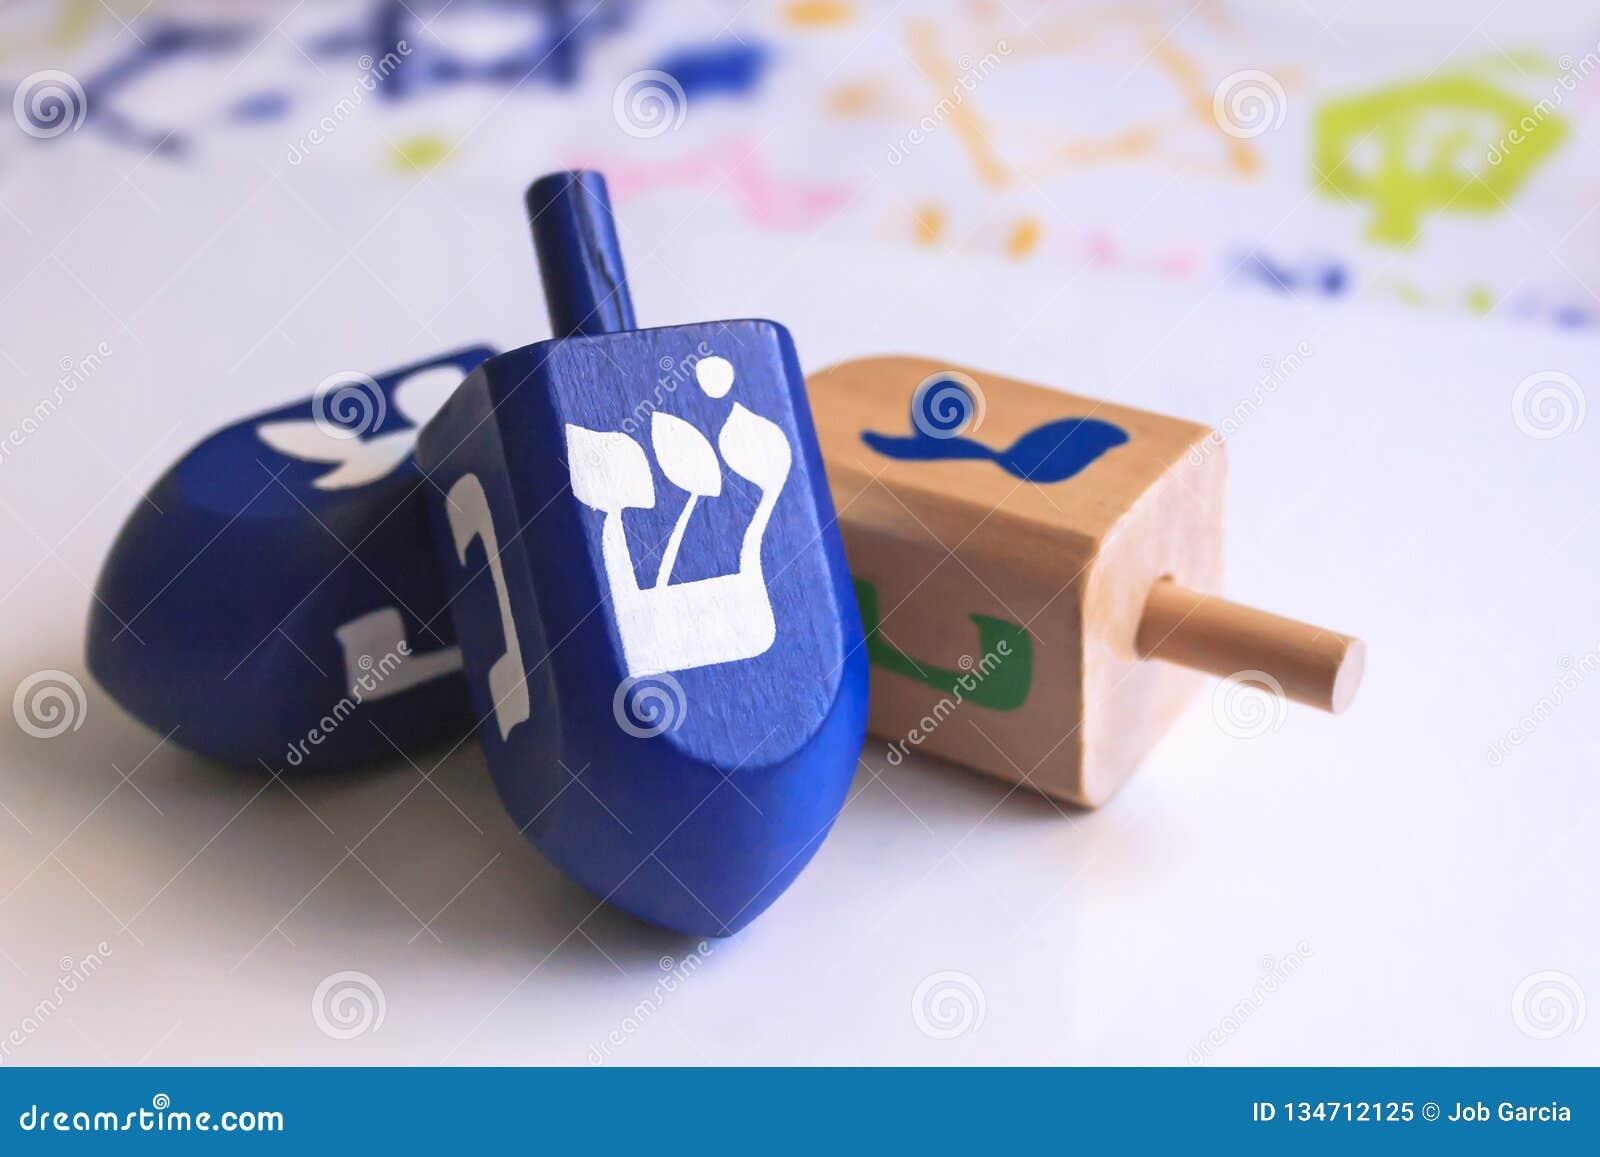 Blauwe hanukkah dreidels met kleurrijke achtergrond